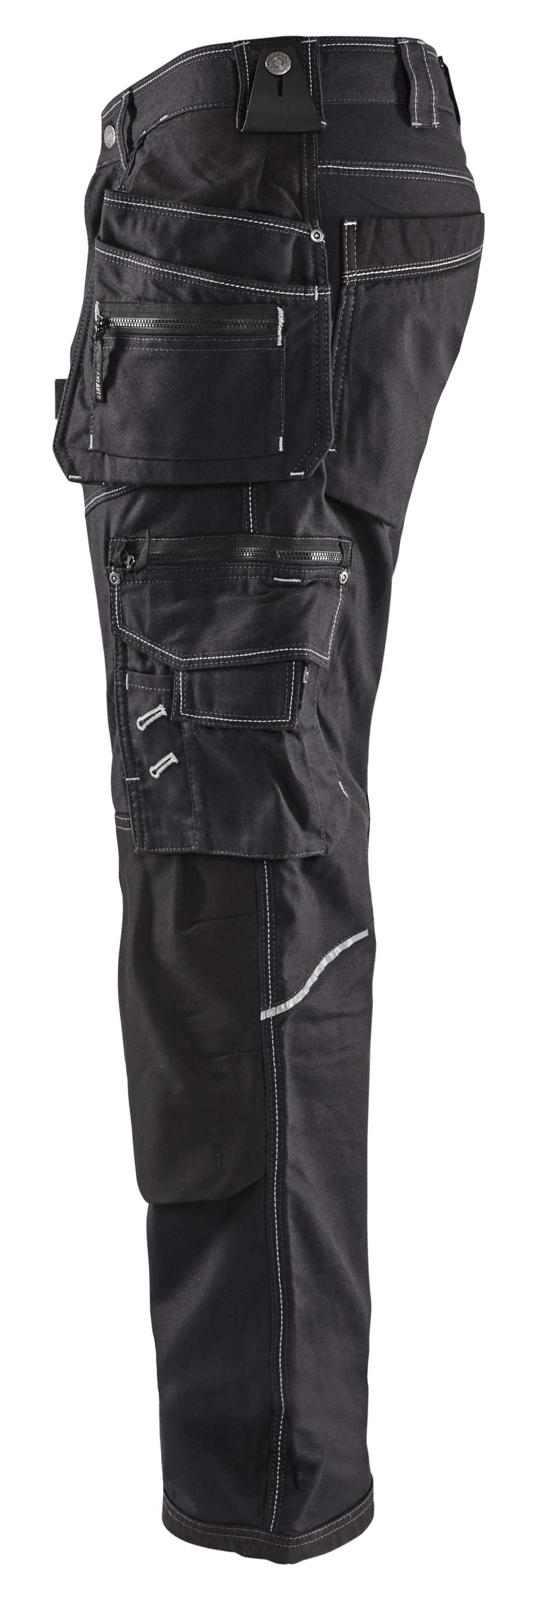 Blaklader Werkbroeken 19611146 zwart(9900)